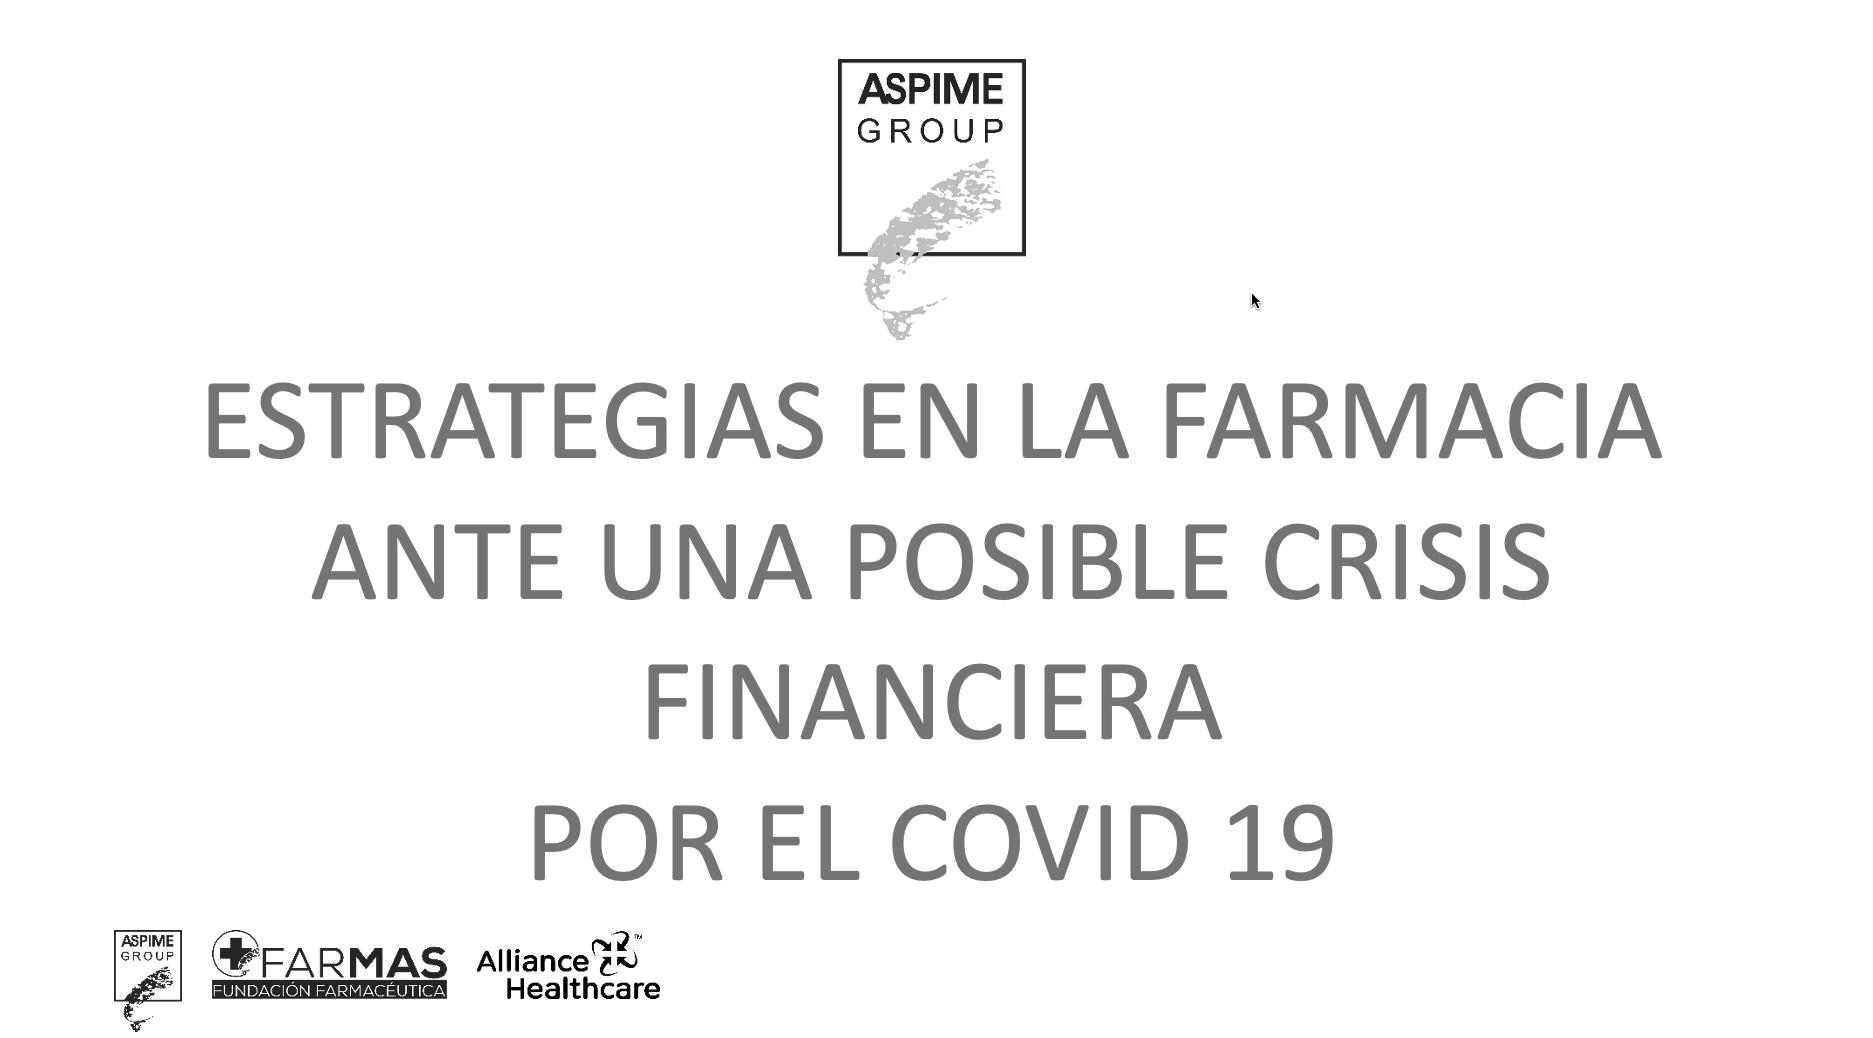 Medidas financieras de la farmacia para la situación post COVID19